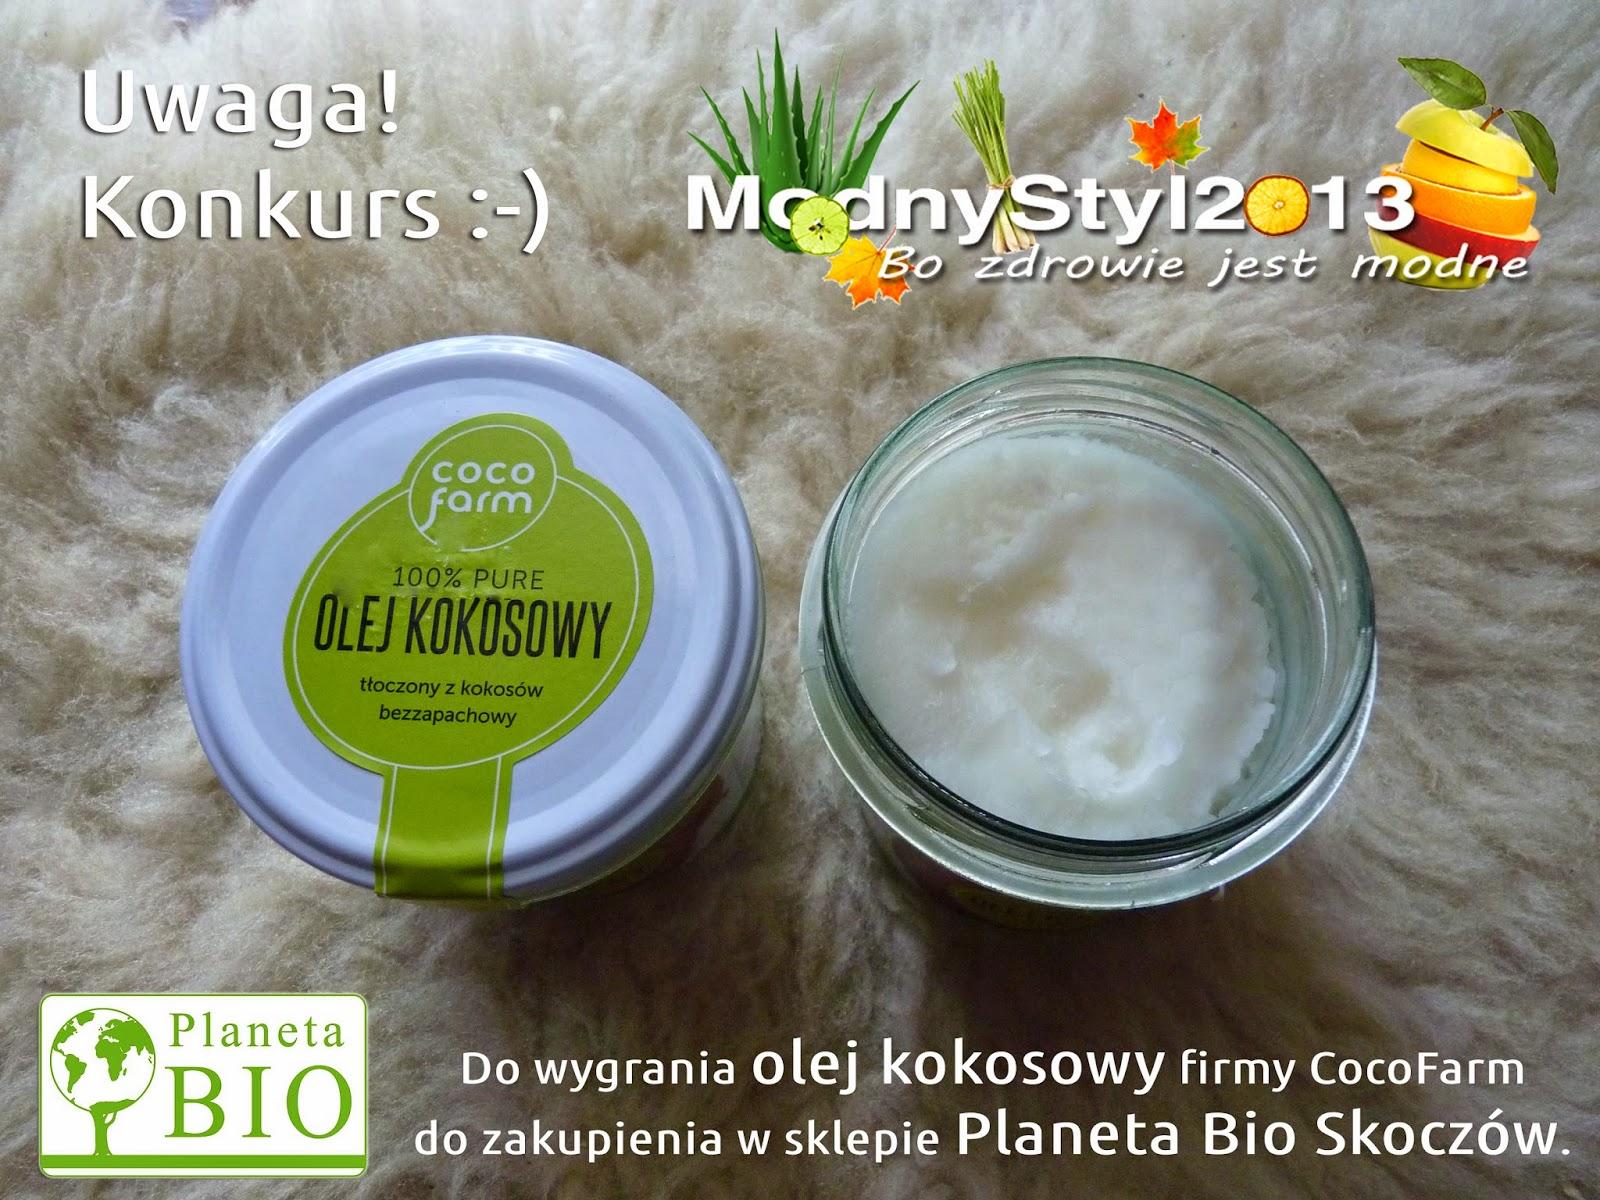 UWAGA KONKURS! - Do wygrania olej kokosowy!